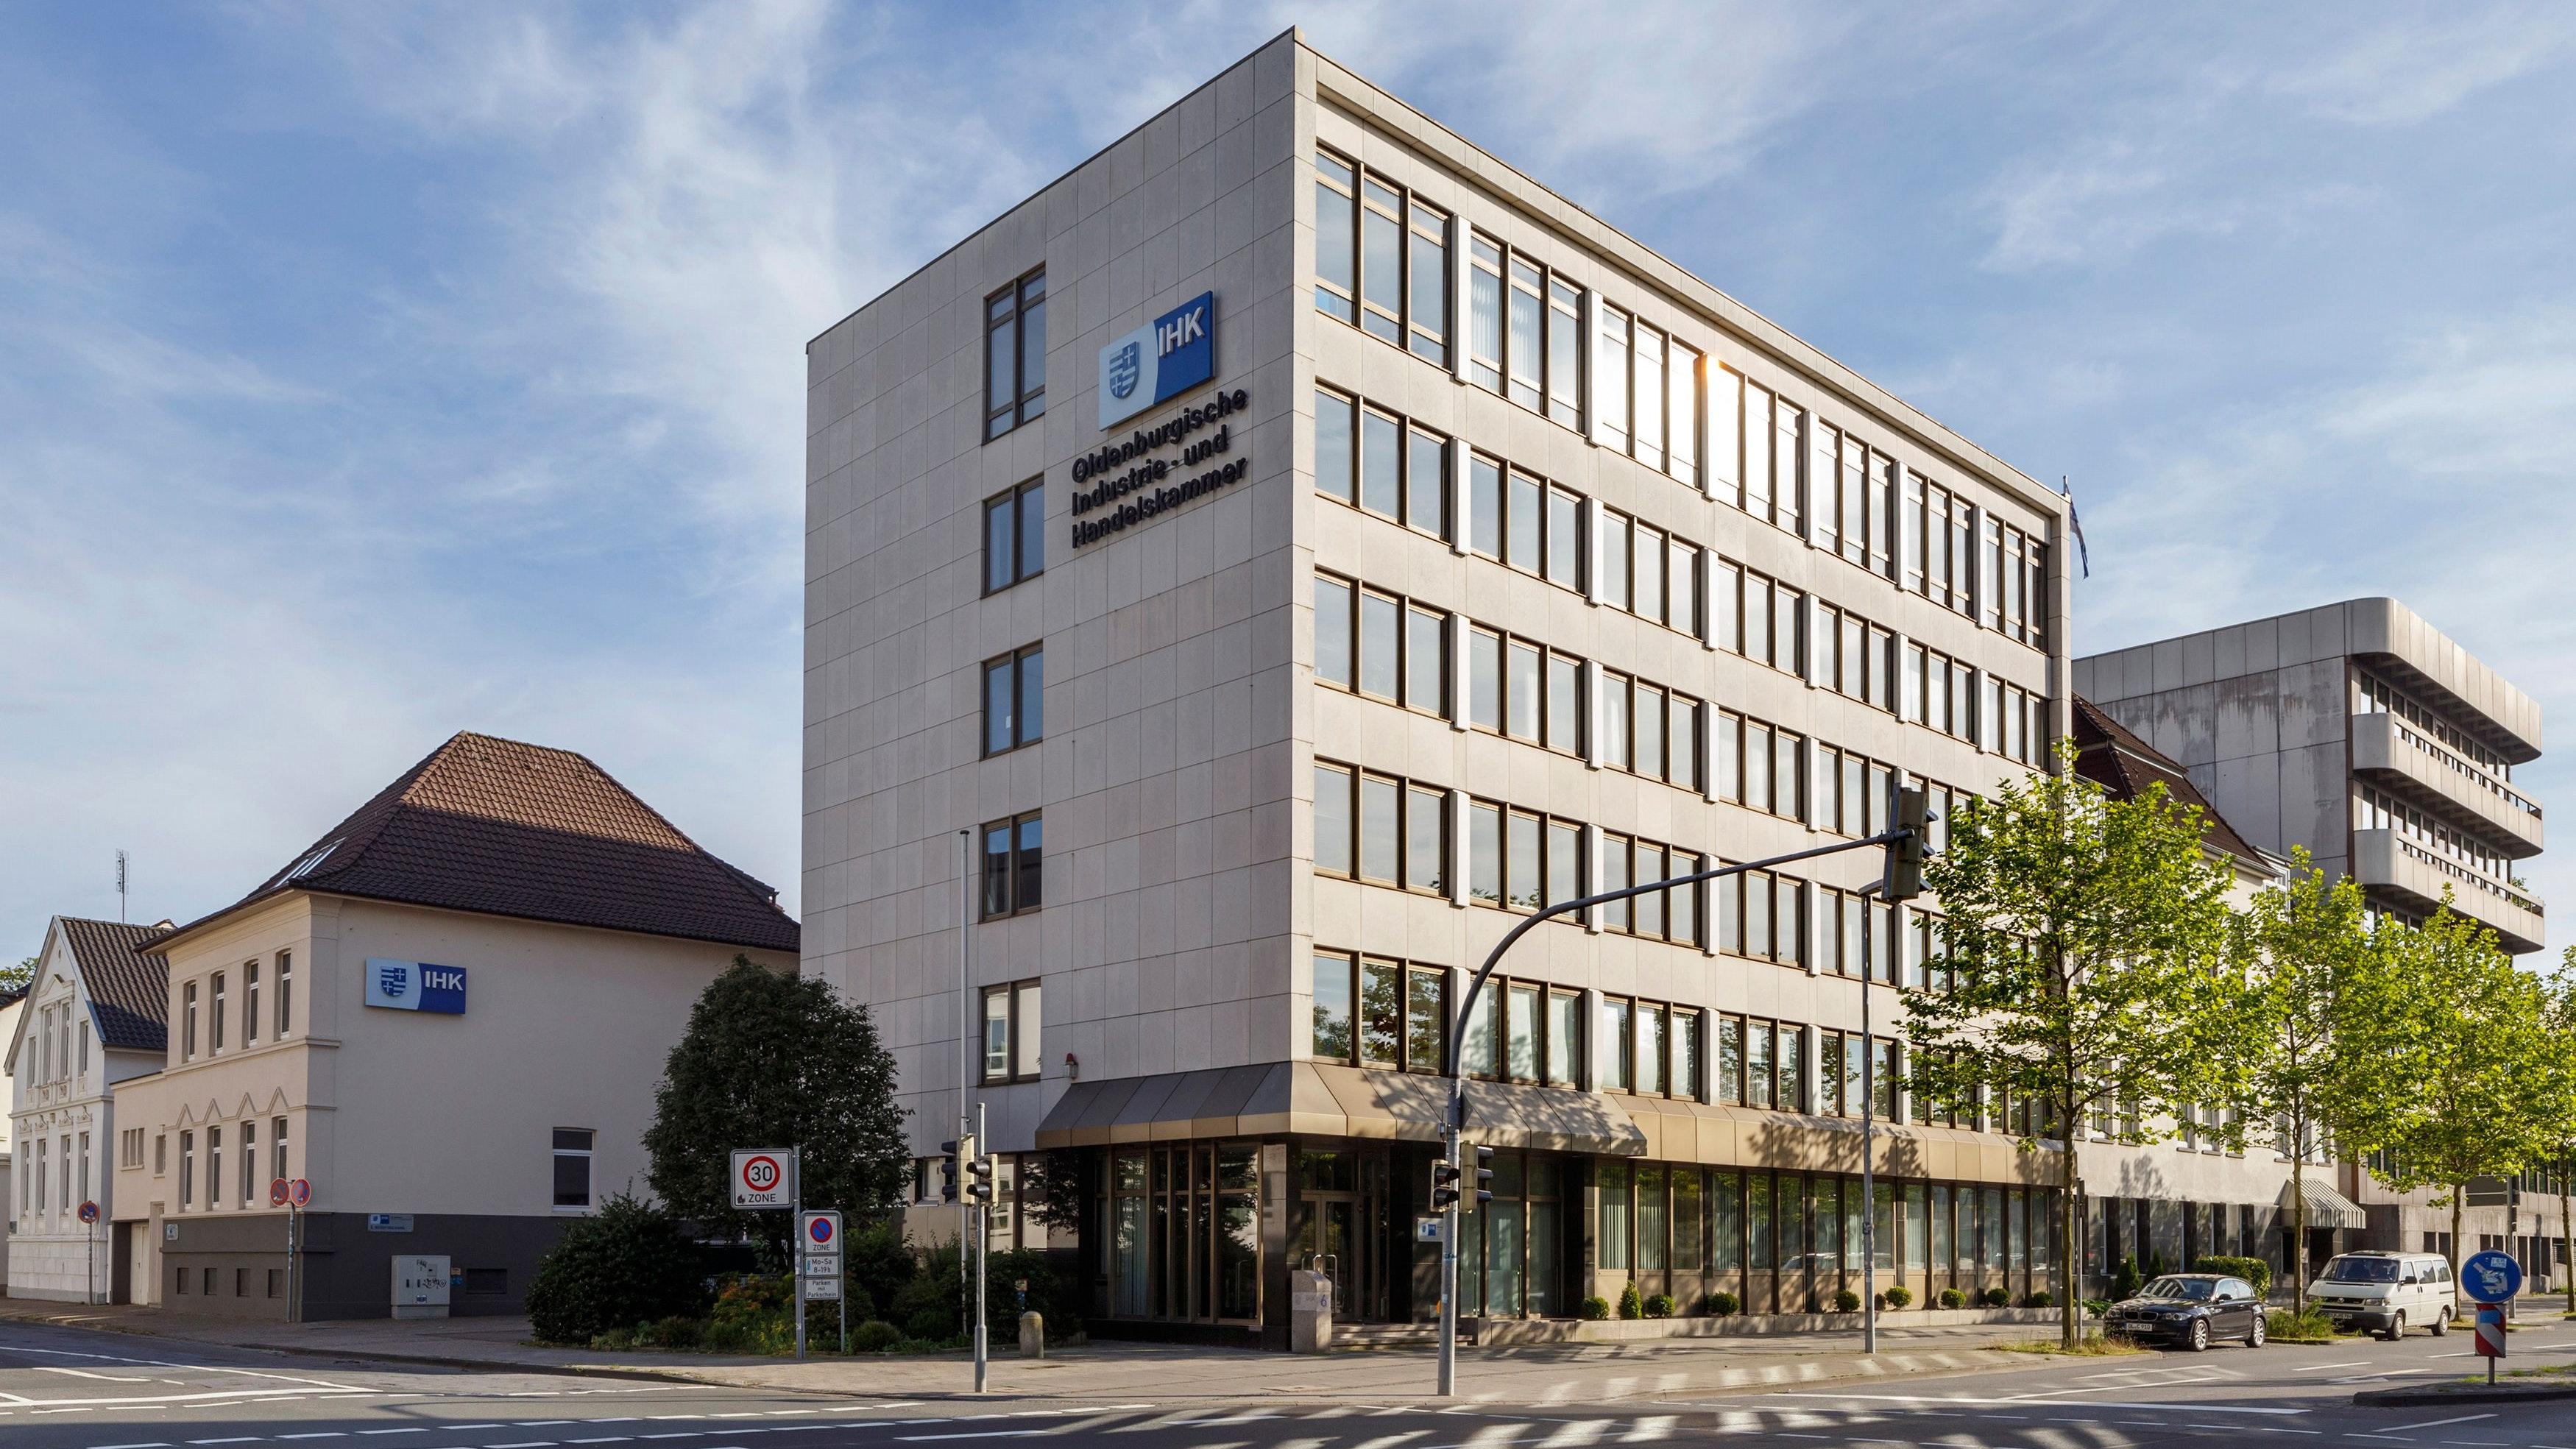 Eine von 80 Industrie- und Handelskammern in Deutschland: Die Oldenburgische IHK an der Moslestraße. Foto: Burmann